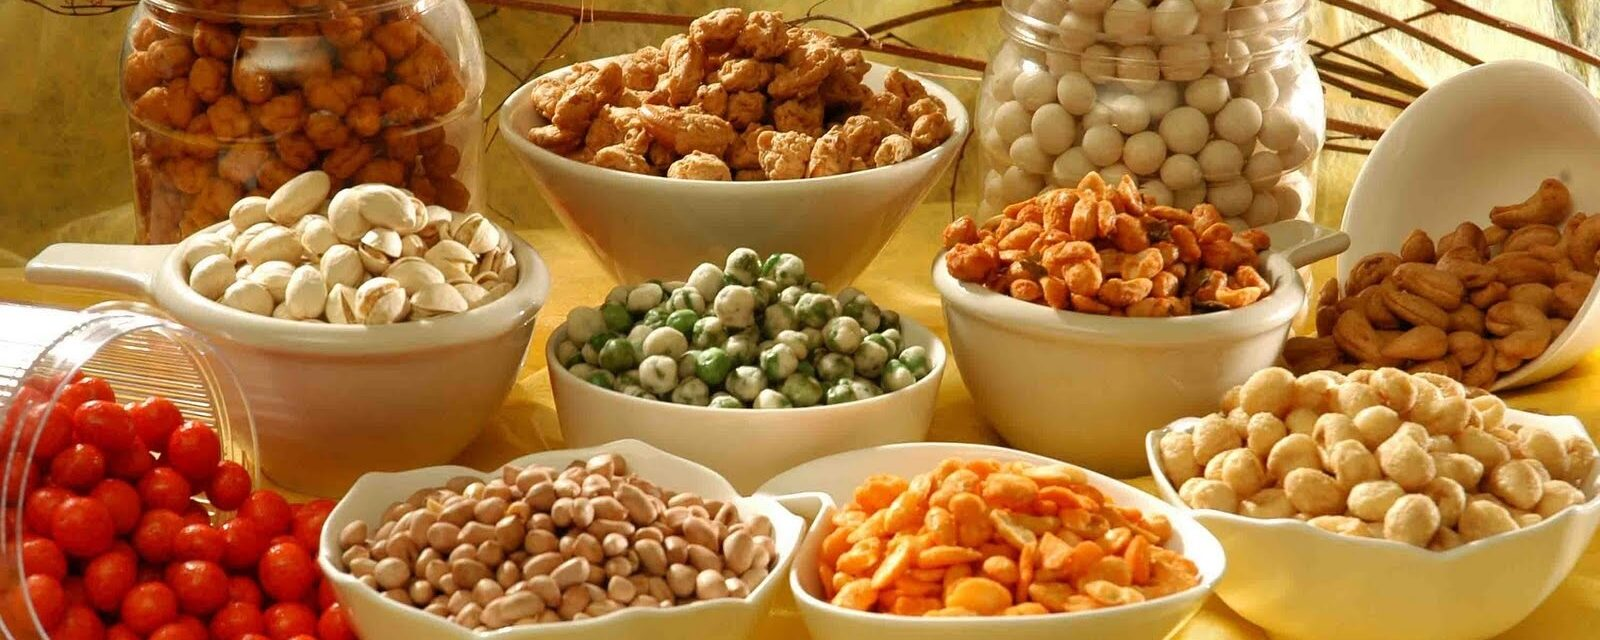 5 источников белка для вегетарианцев